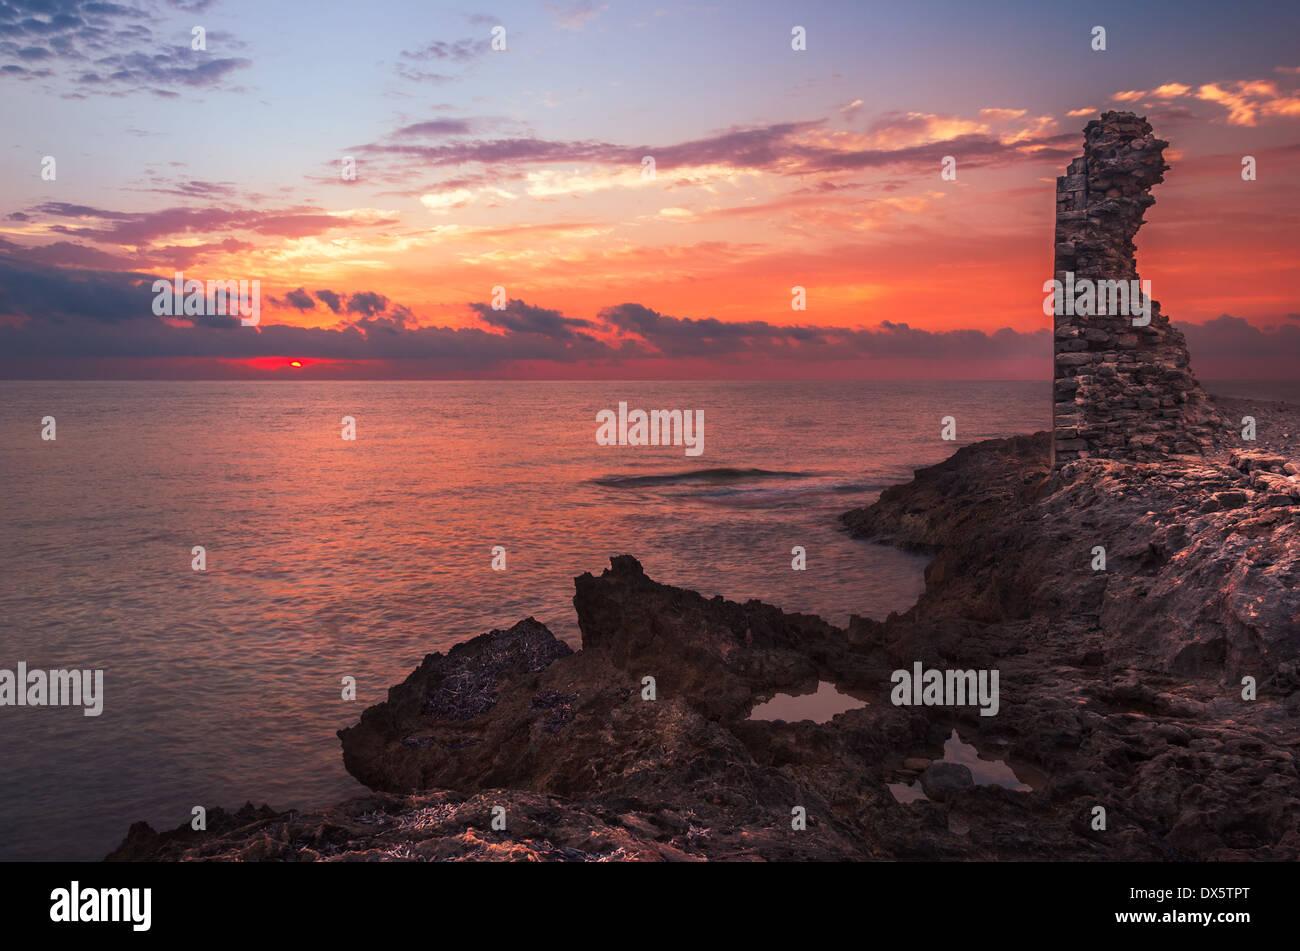 La puesta de sol sobre el mar y la costa rocosa con ruinas antiguas y puerta a África en Mahdia, Túnez Foto de stock